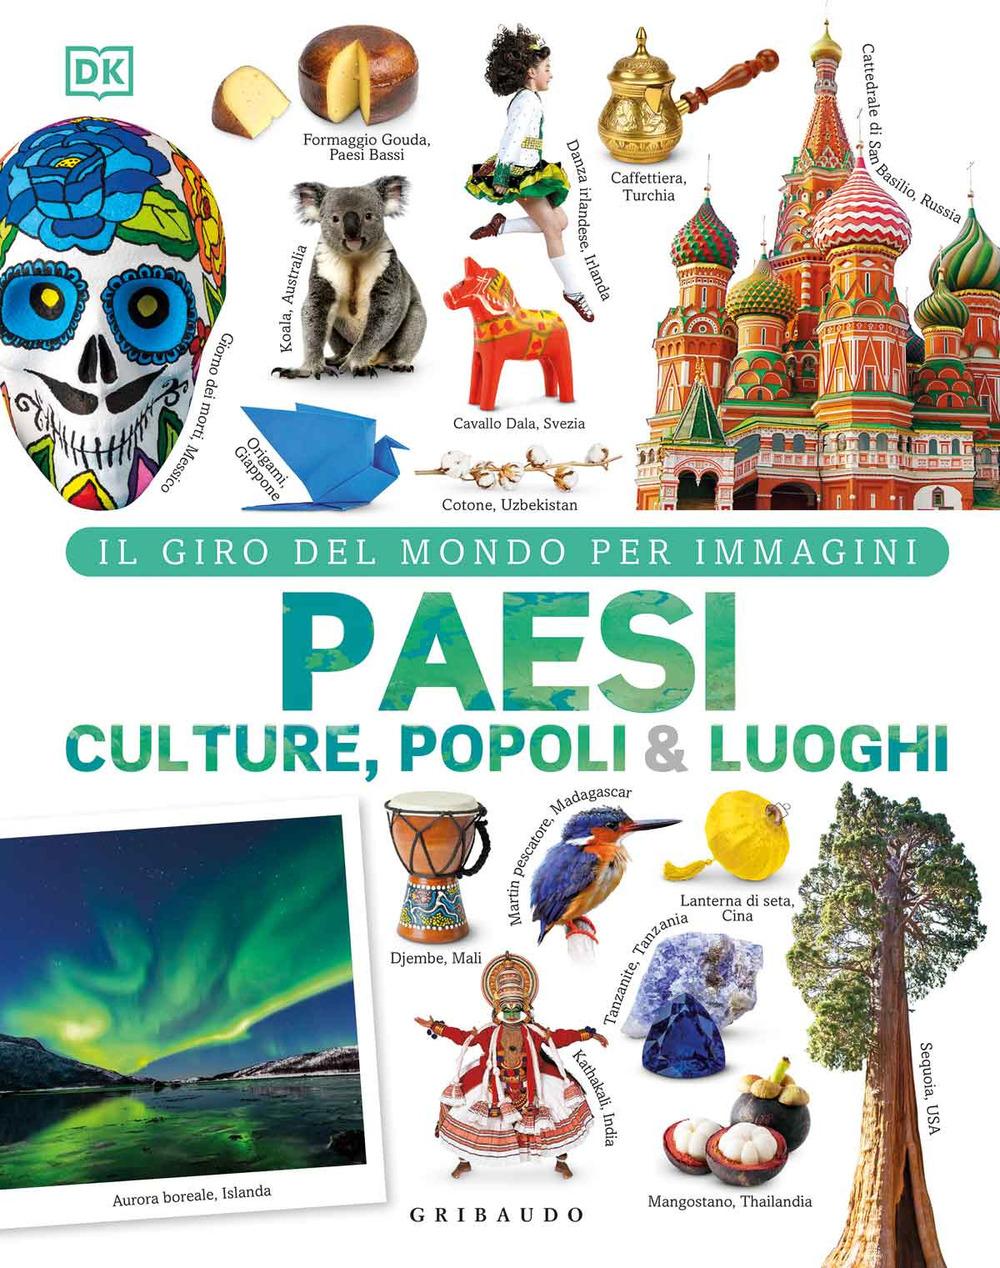 Paesi culture popoli & luoghi. Il giro del mondo per immagini. Ediz. illustrata